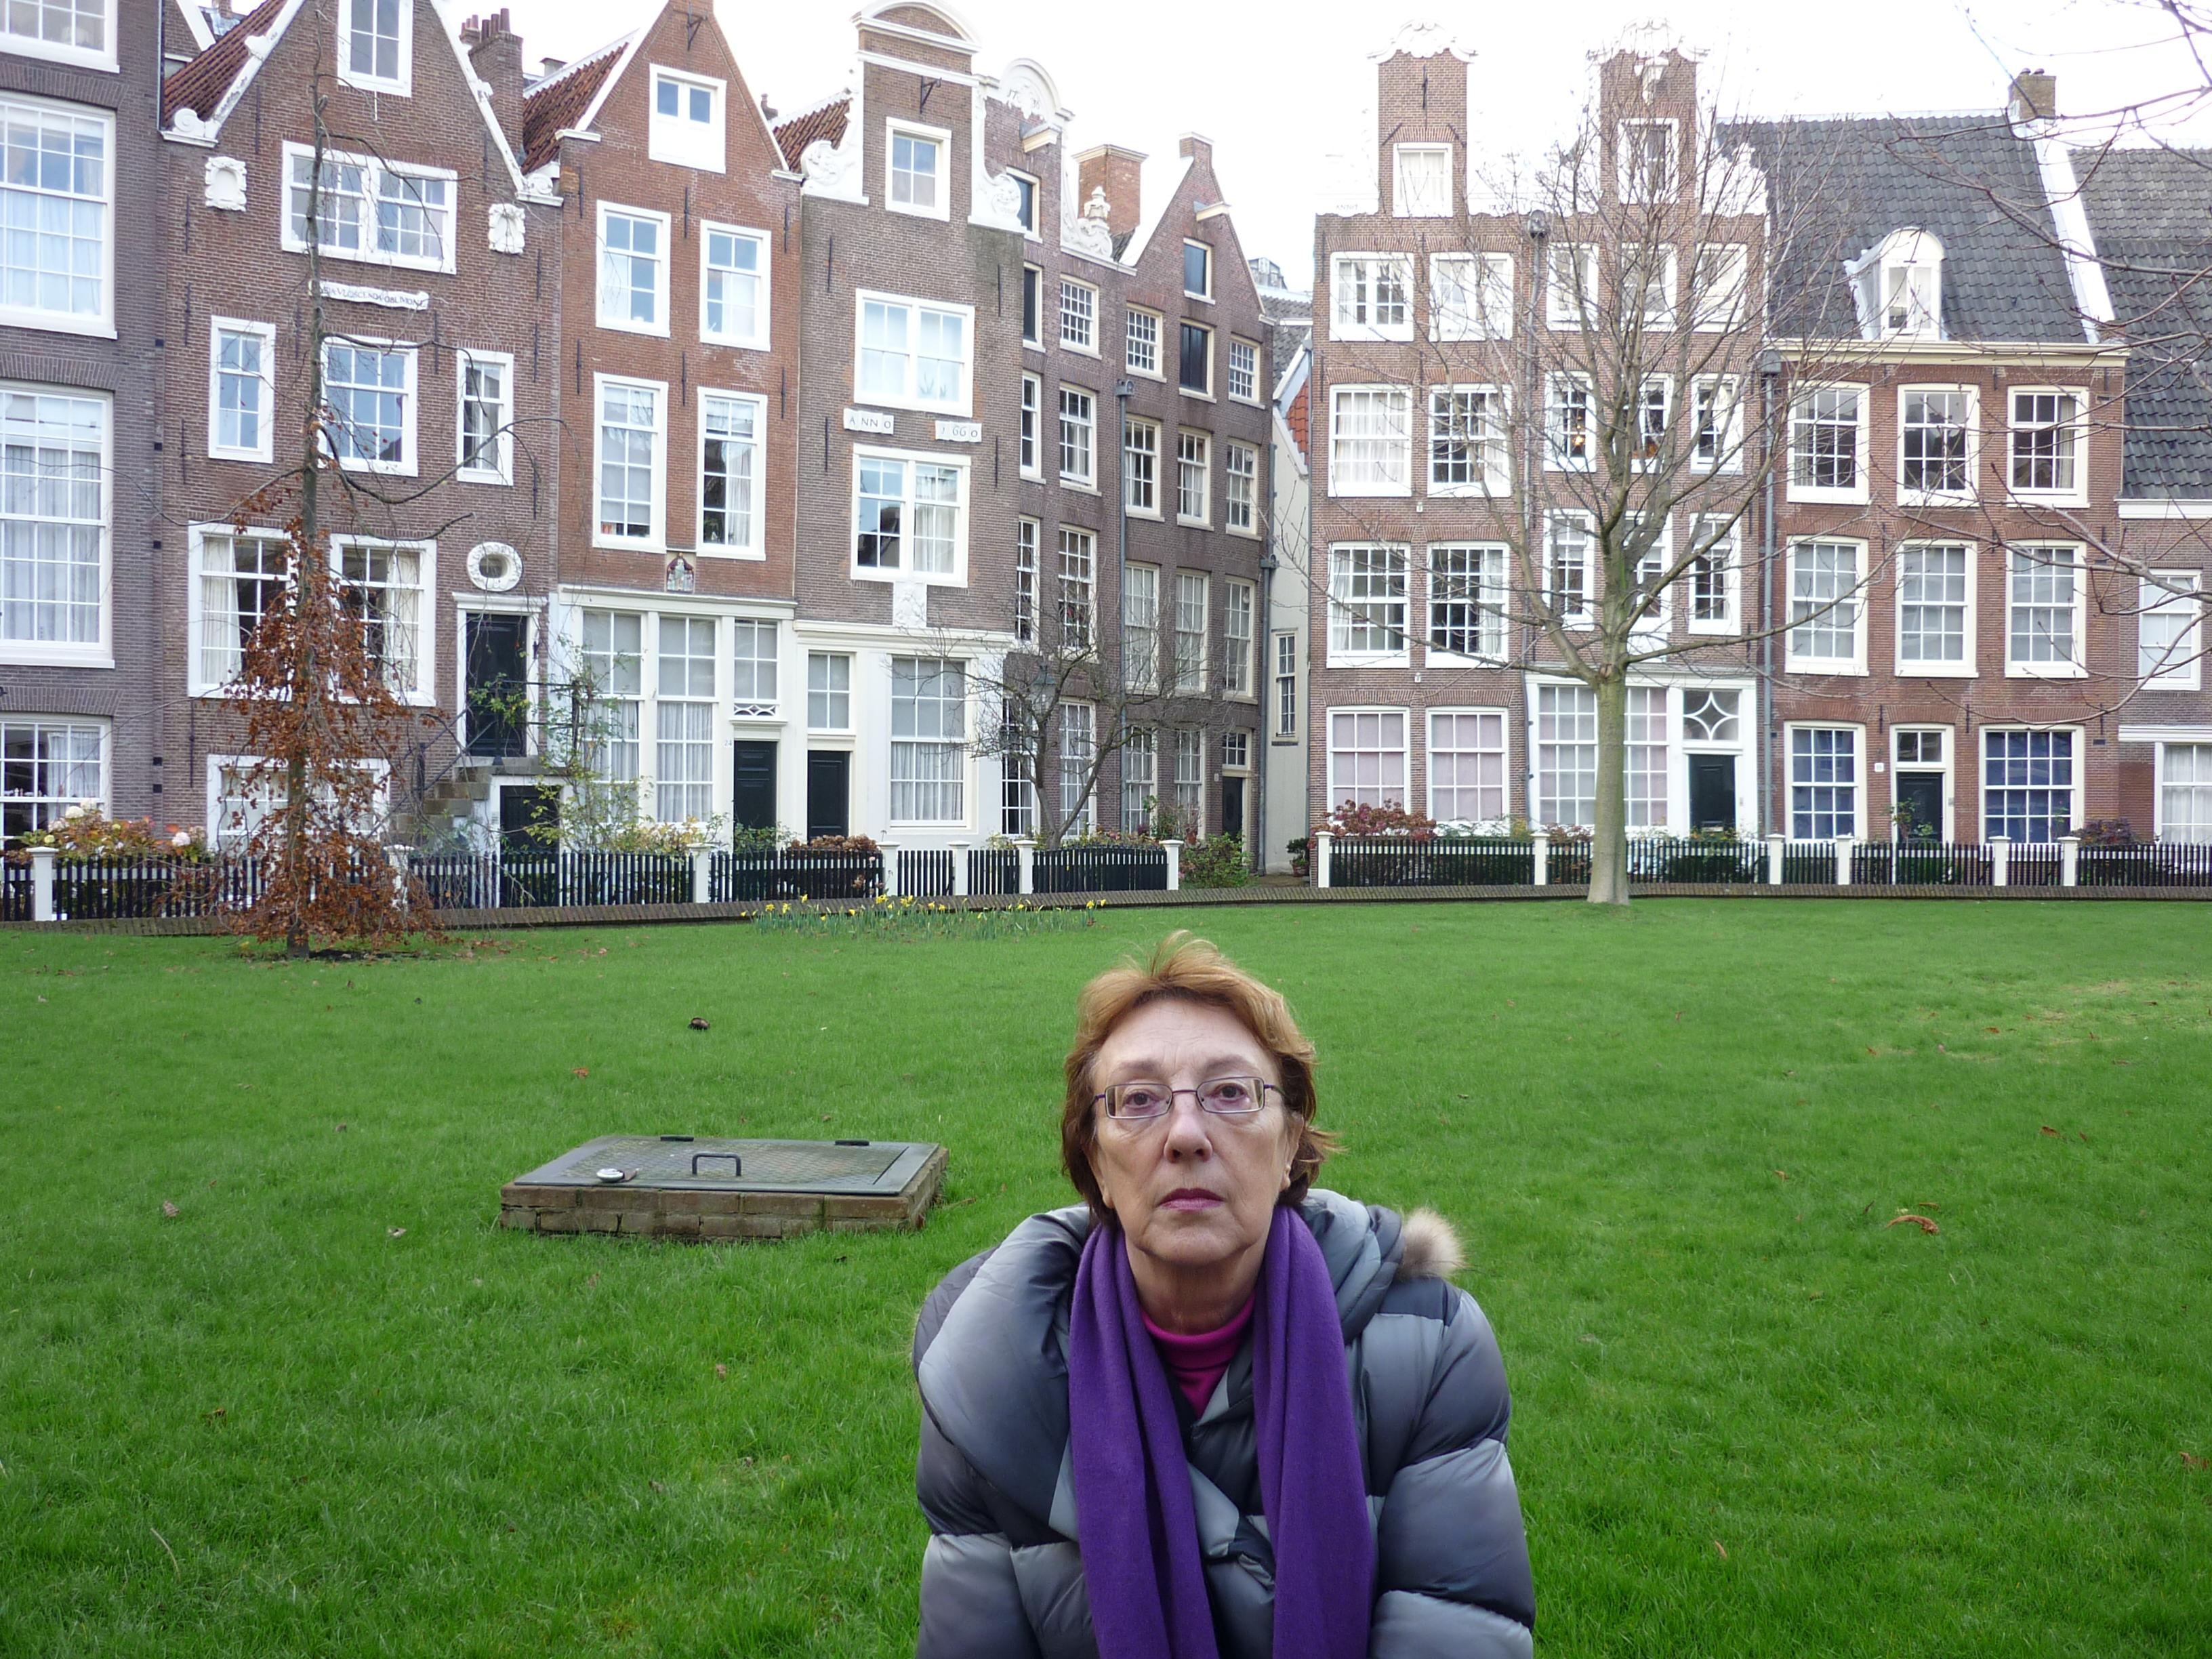 Maja Weikert: Najljepše je prenositi duh kulture koja me fascinira na drugi jezik